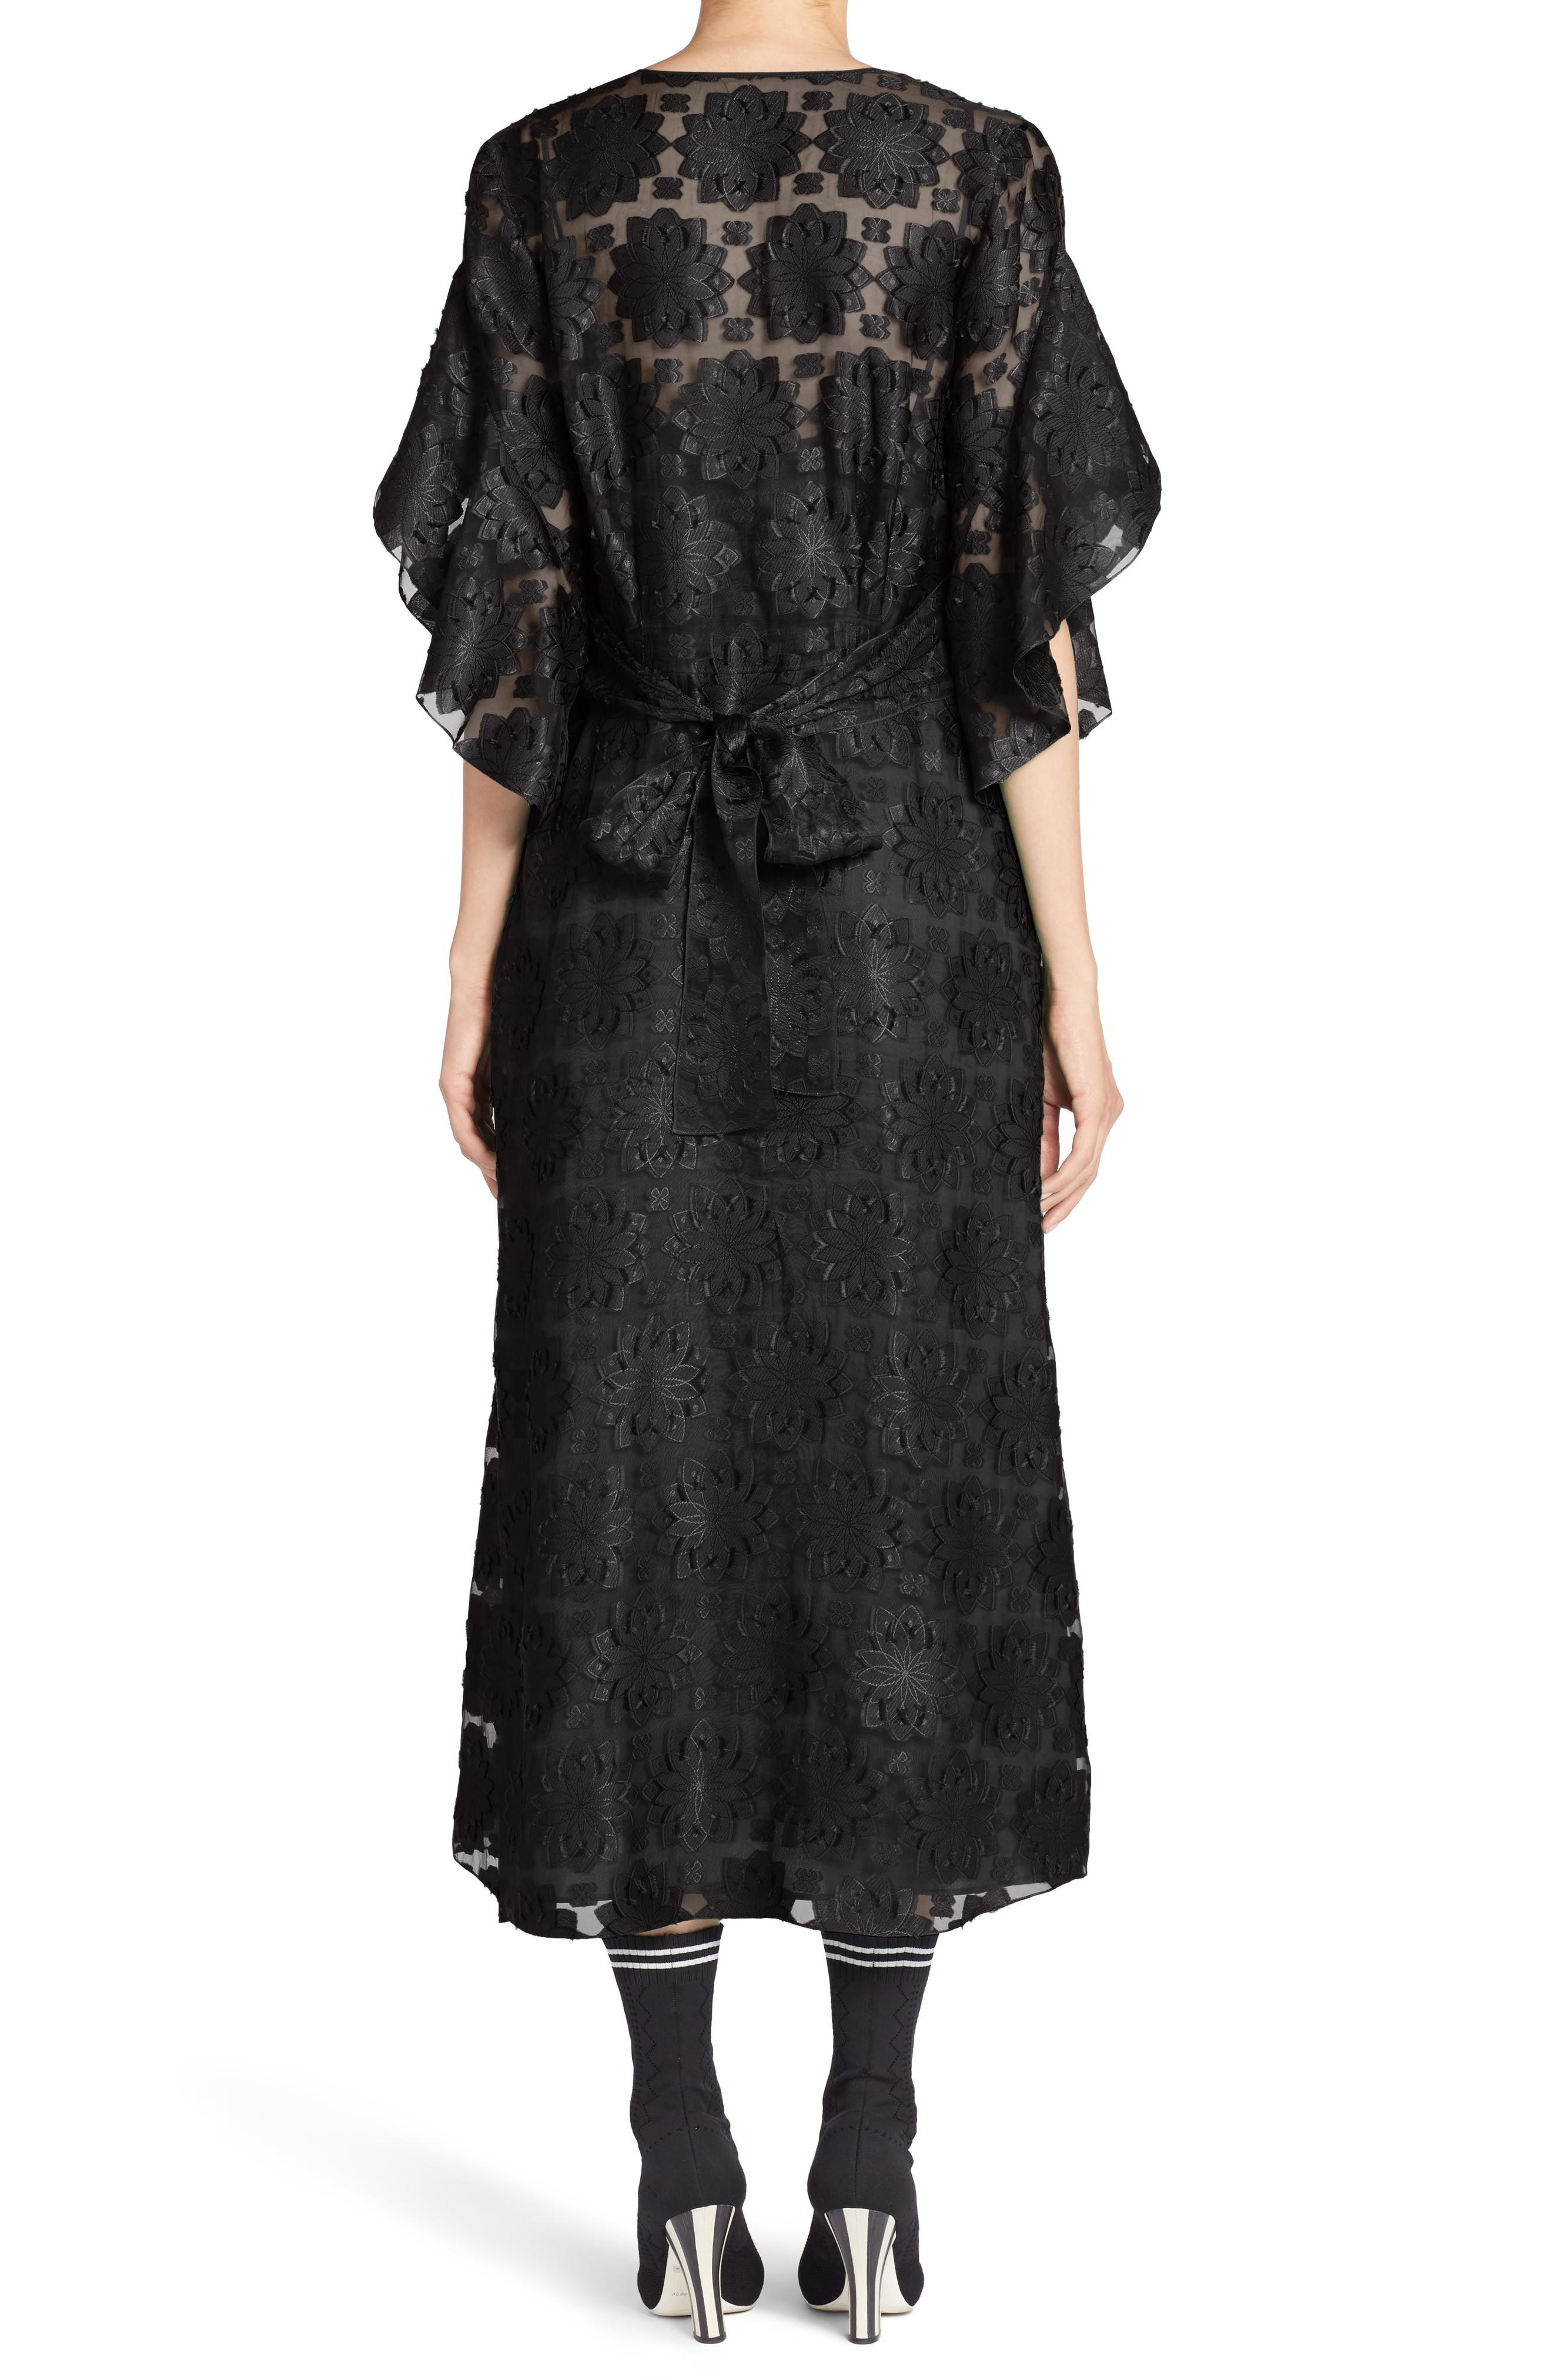 Fendi Daisy Fil Coupé Midi Black Dress